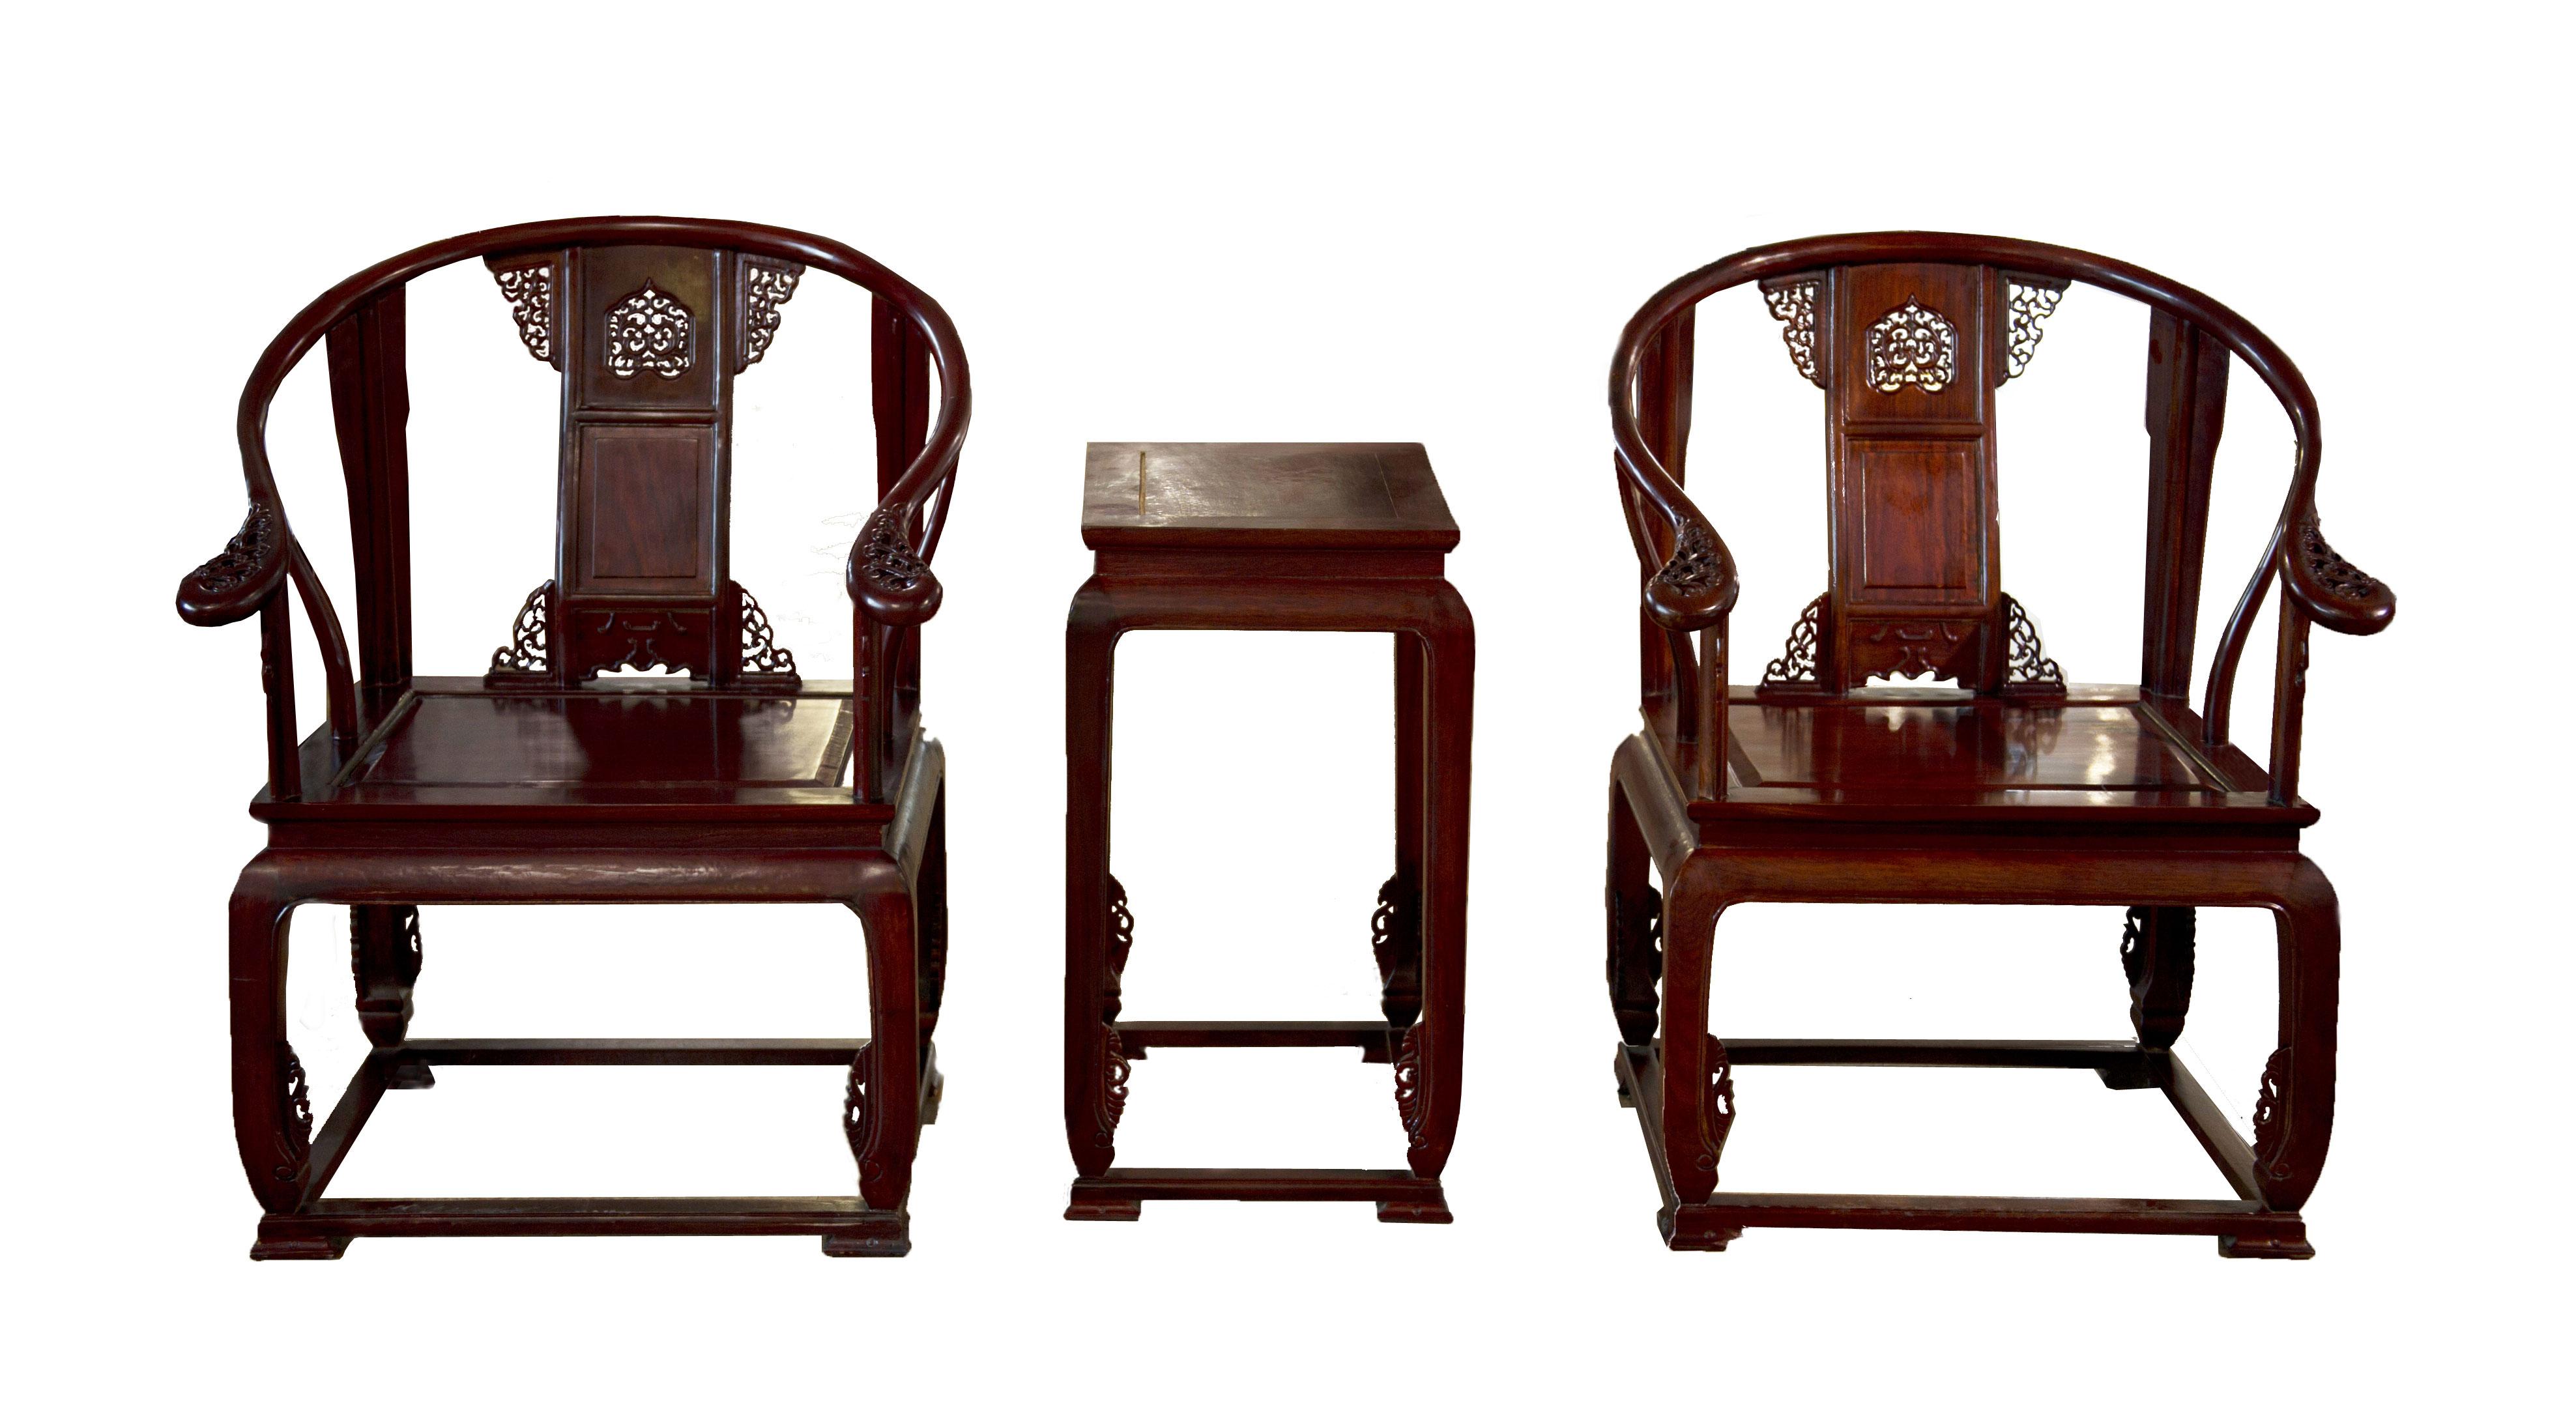 中式设计空间选用圈椅所蕴含的千古智慧